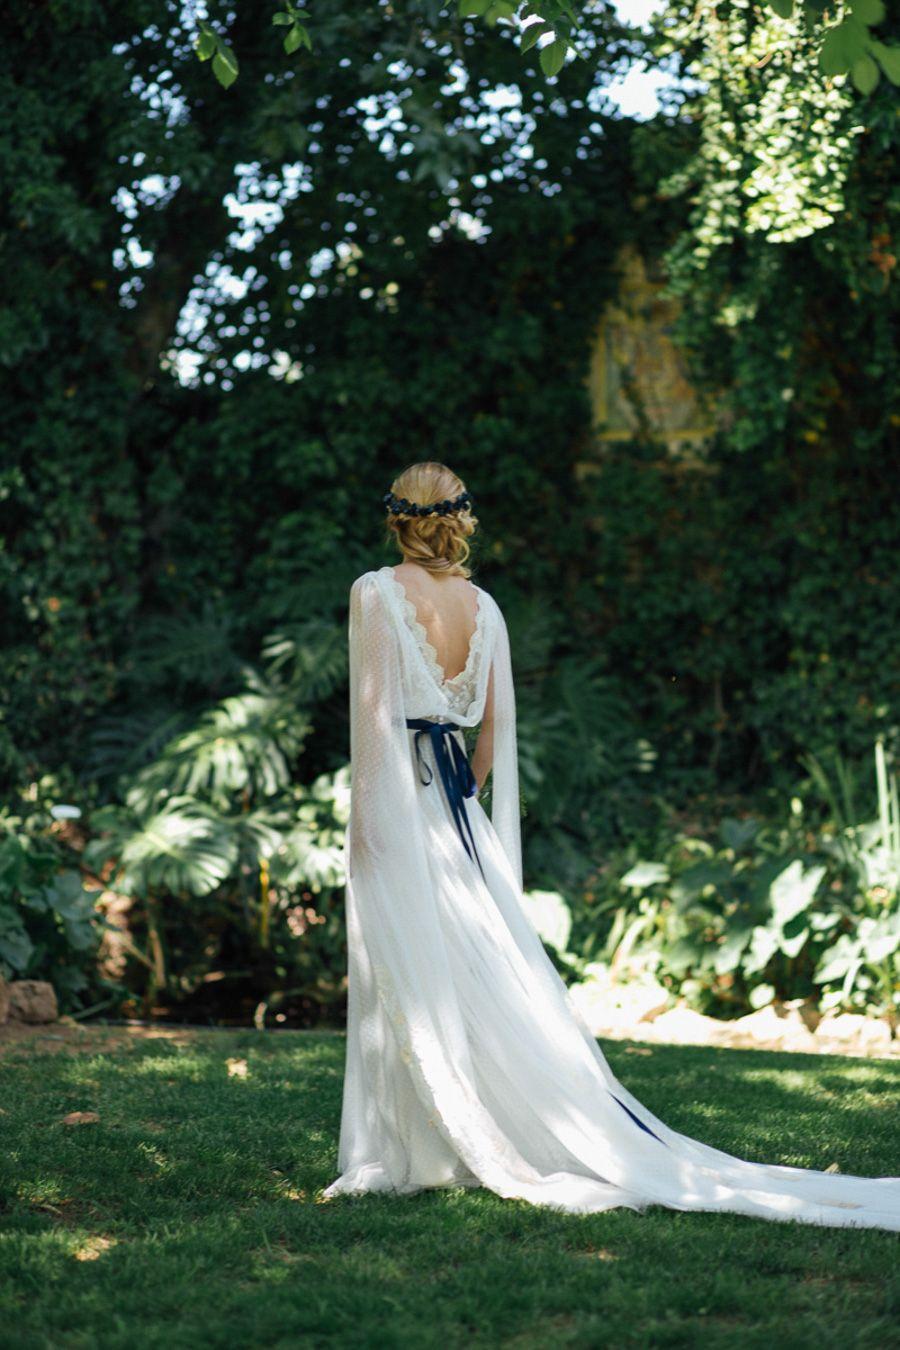 calista-one-lista-de-bodas-online-blog-de-bodas-inspiracion-bodas-v-y-j-21